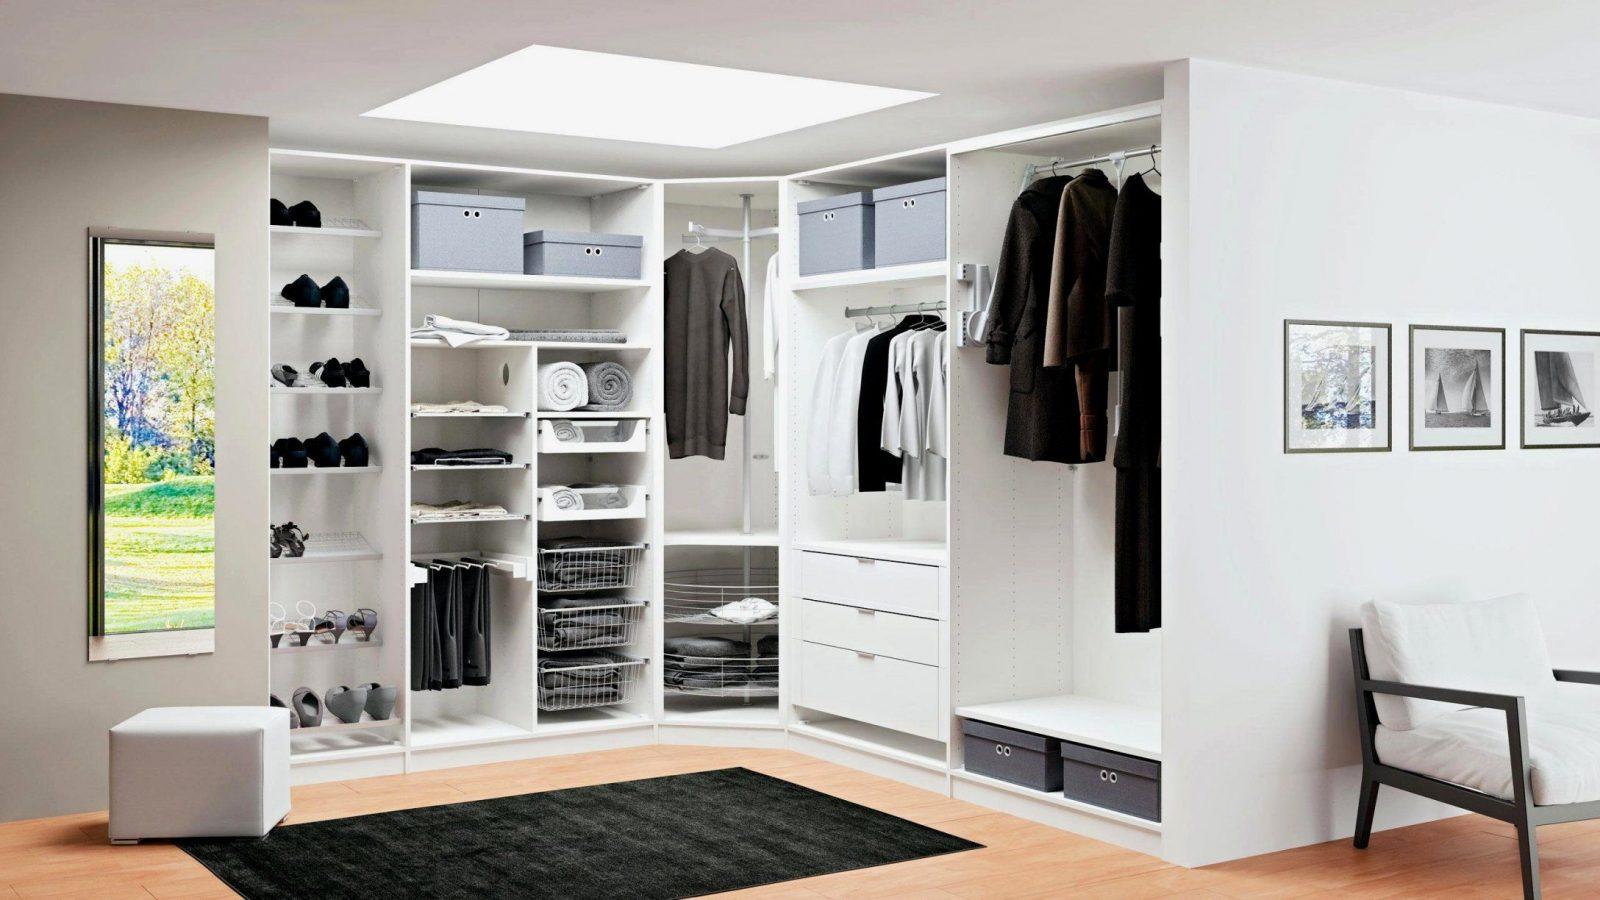 nauhuri offener kleiderschrank vorhang neuesten design von offener kleiderschrank mit vorhang. Black Bedroom Furniture Sets. Home Design Ideas